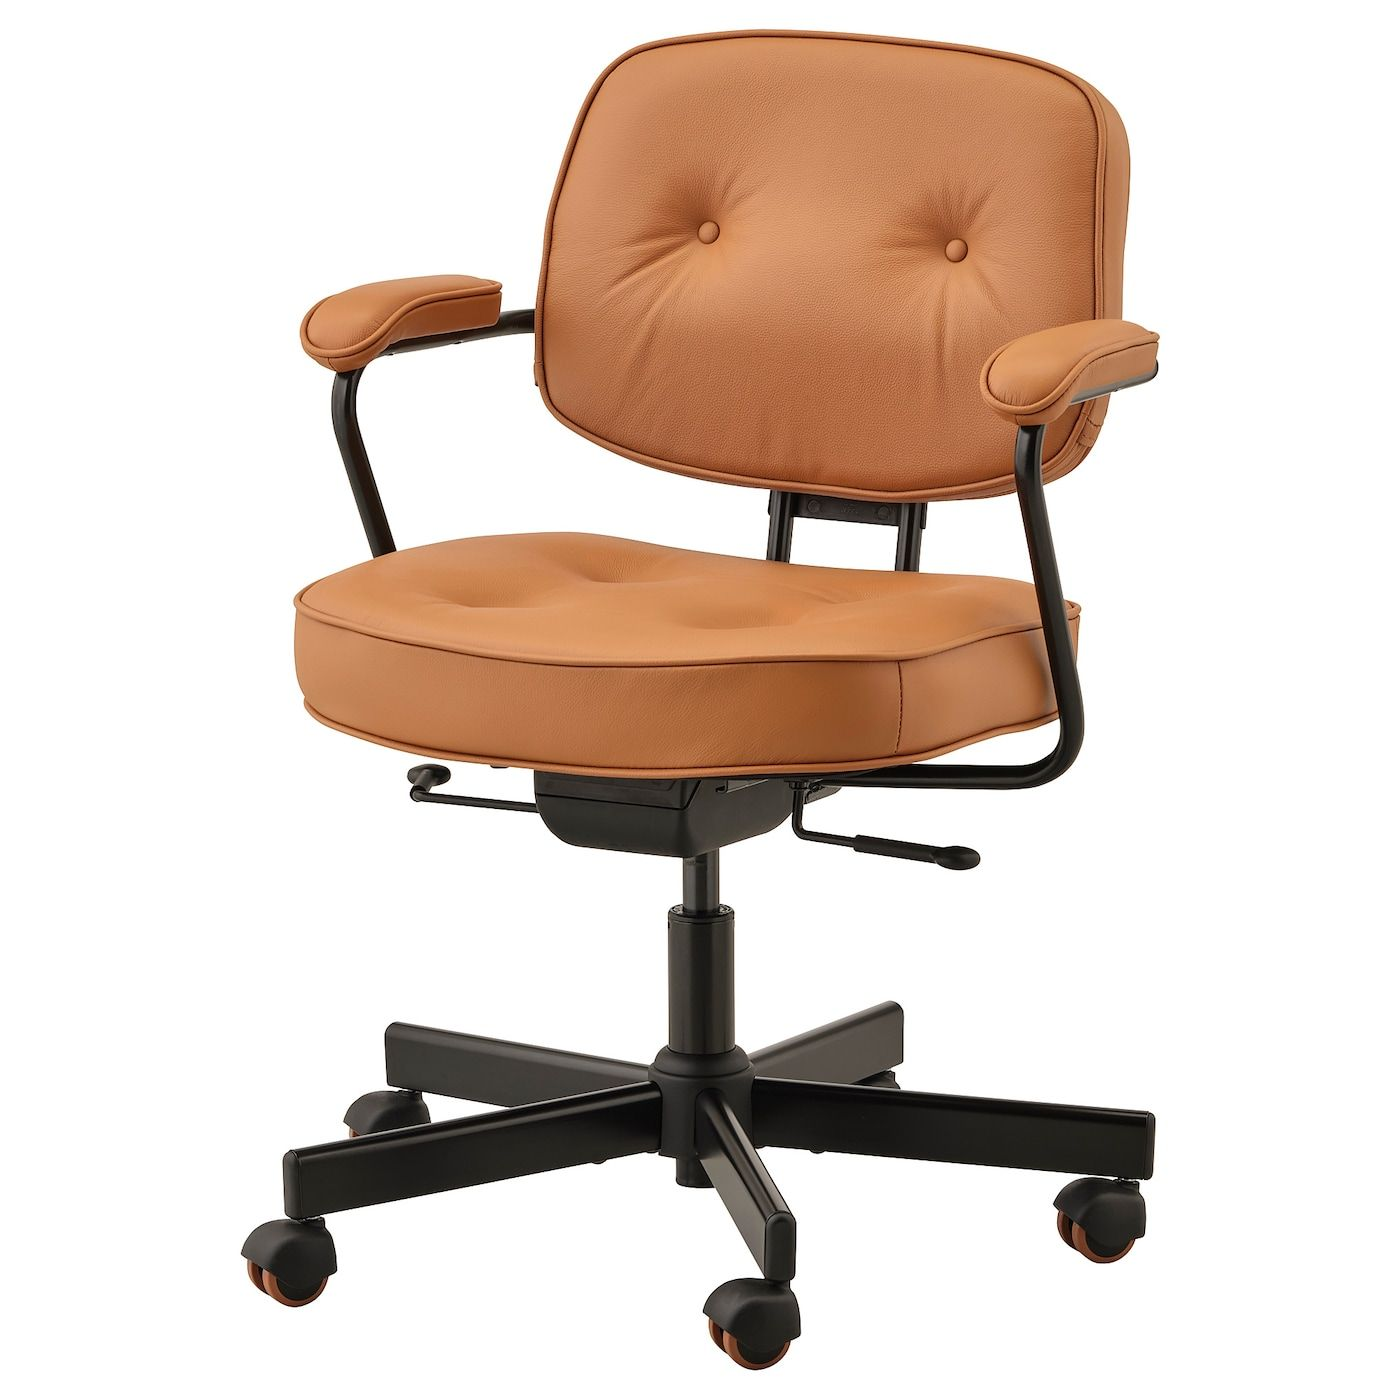 Alefjall Office Chair Grann Golden Brown Ikea In 2020 Office Chair Brown Office Chair Ikea Office Chair